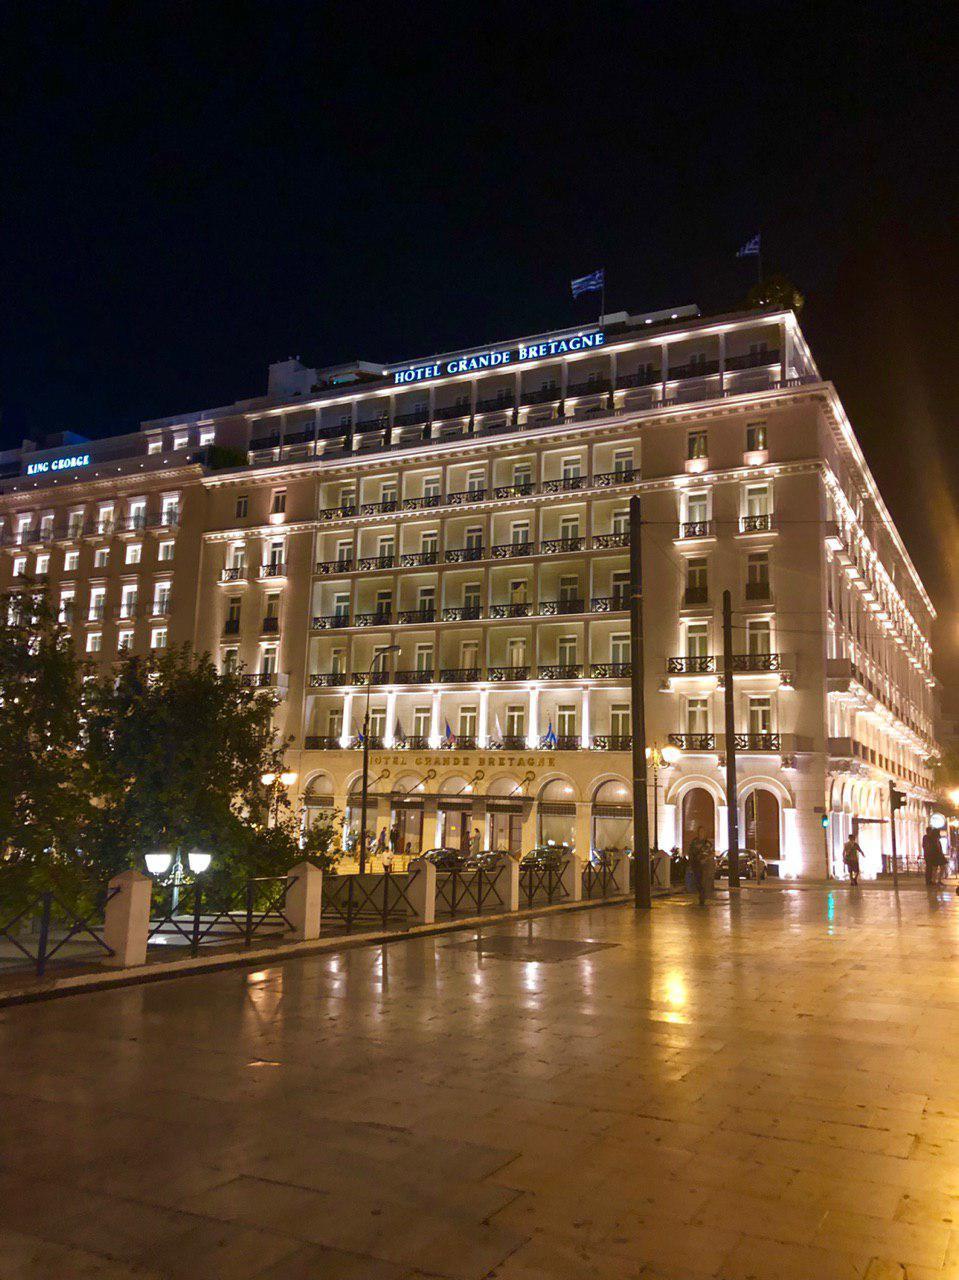 هتل بریتانیای کبیر - میدان سیداقما -syntagma